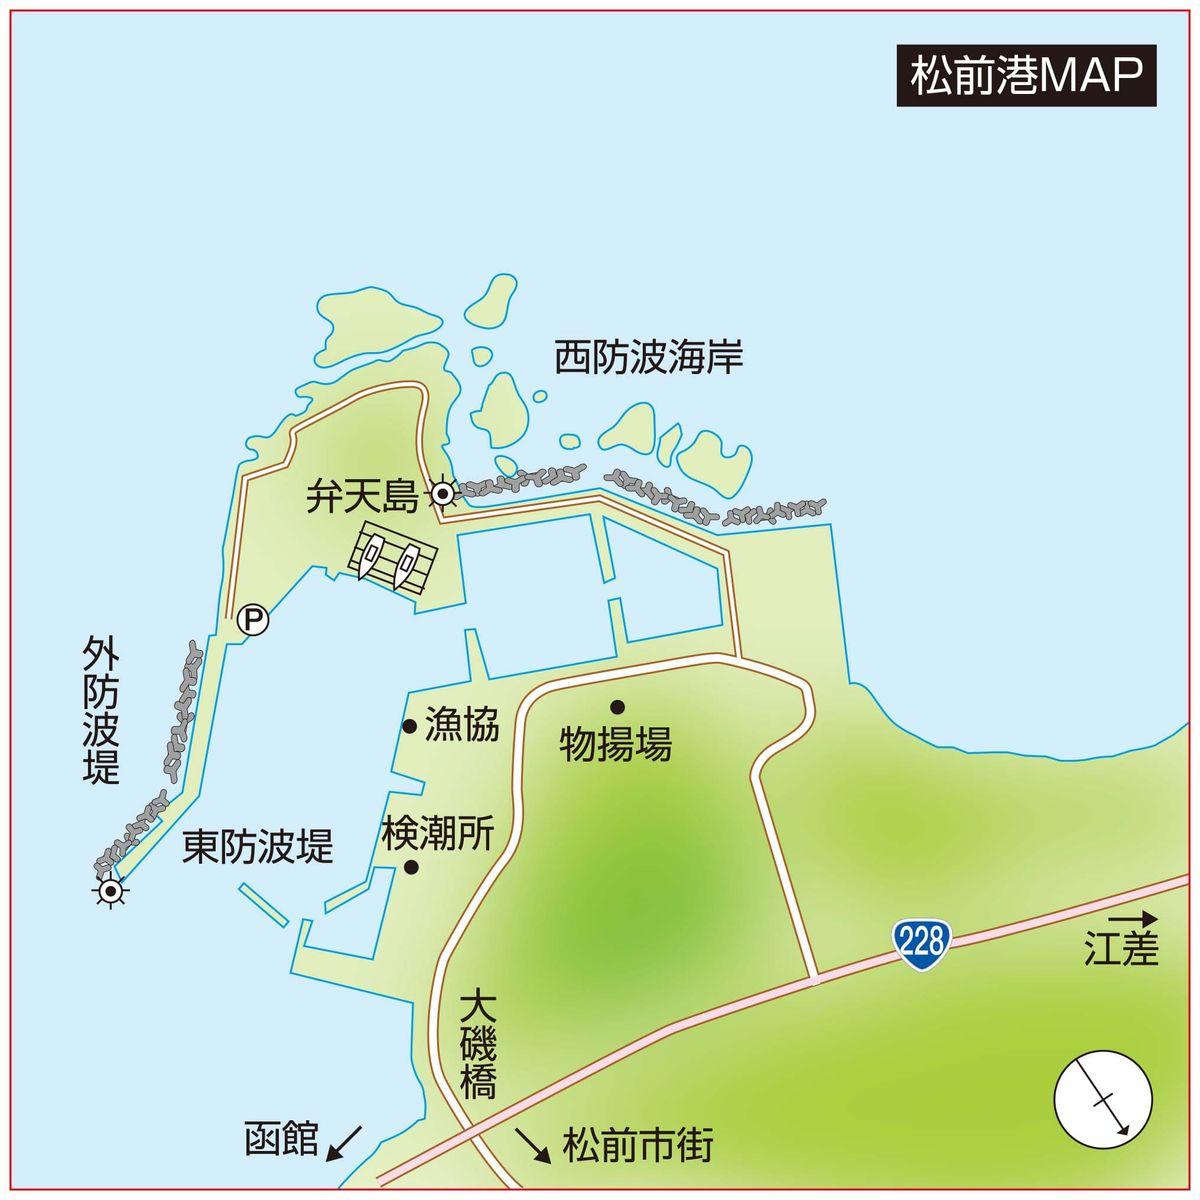 092-103_zenkokutsuriba04-2_cs6 (7)